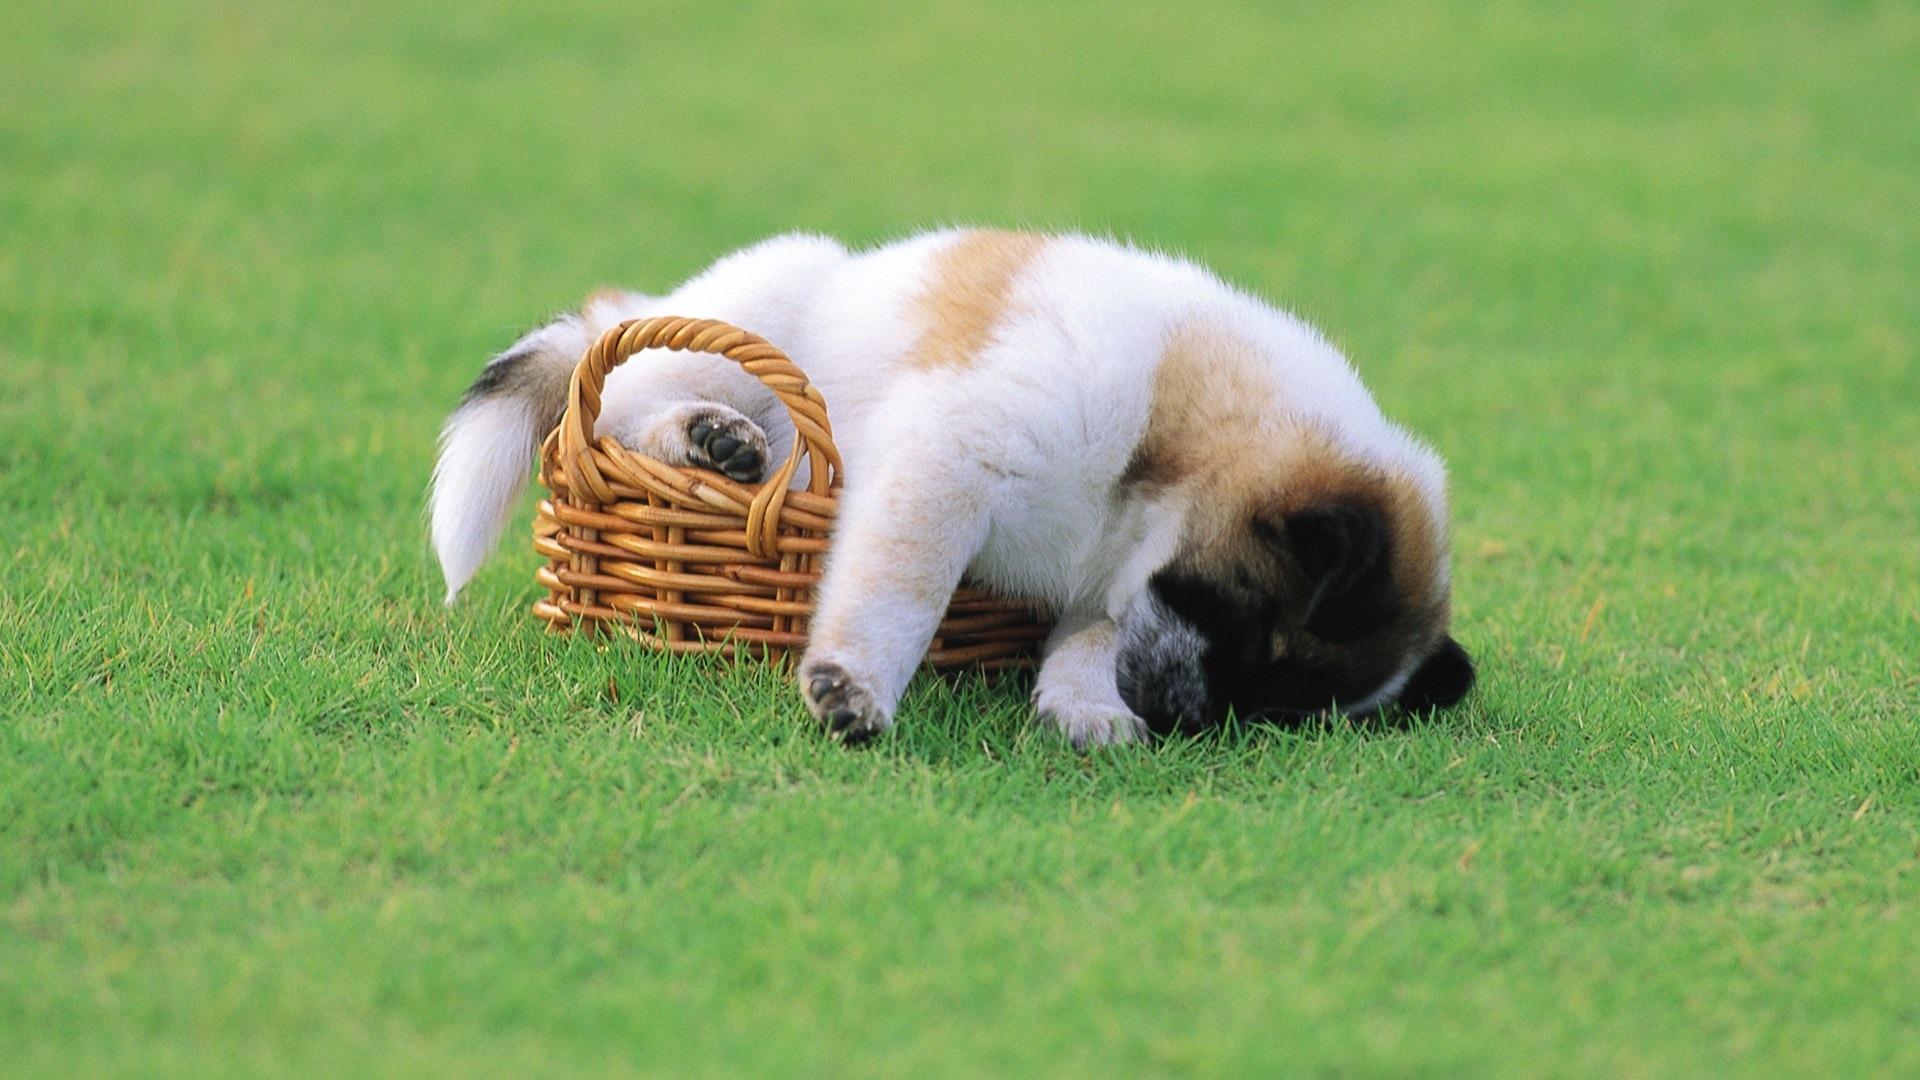 уставшая собачка в хорошем качестве